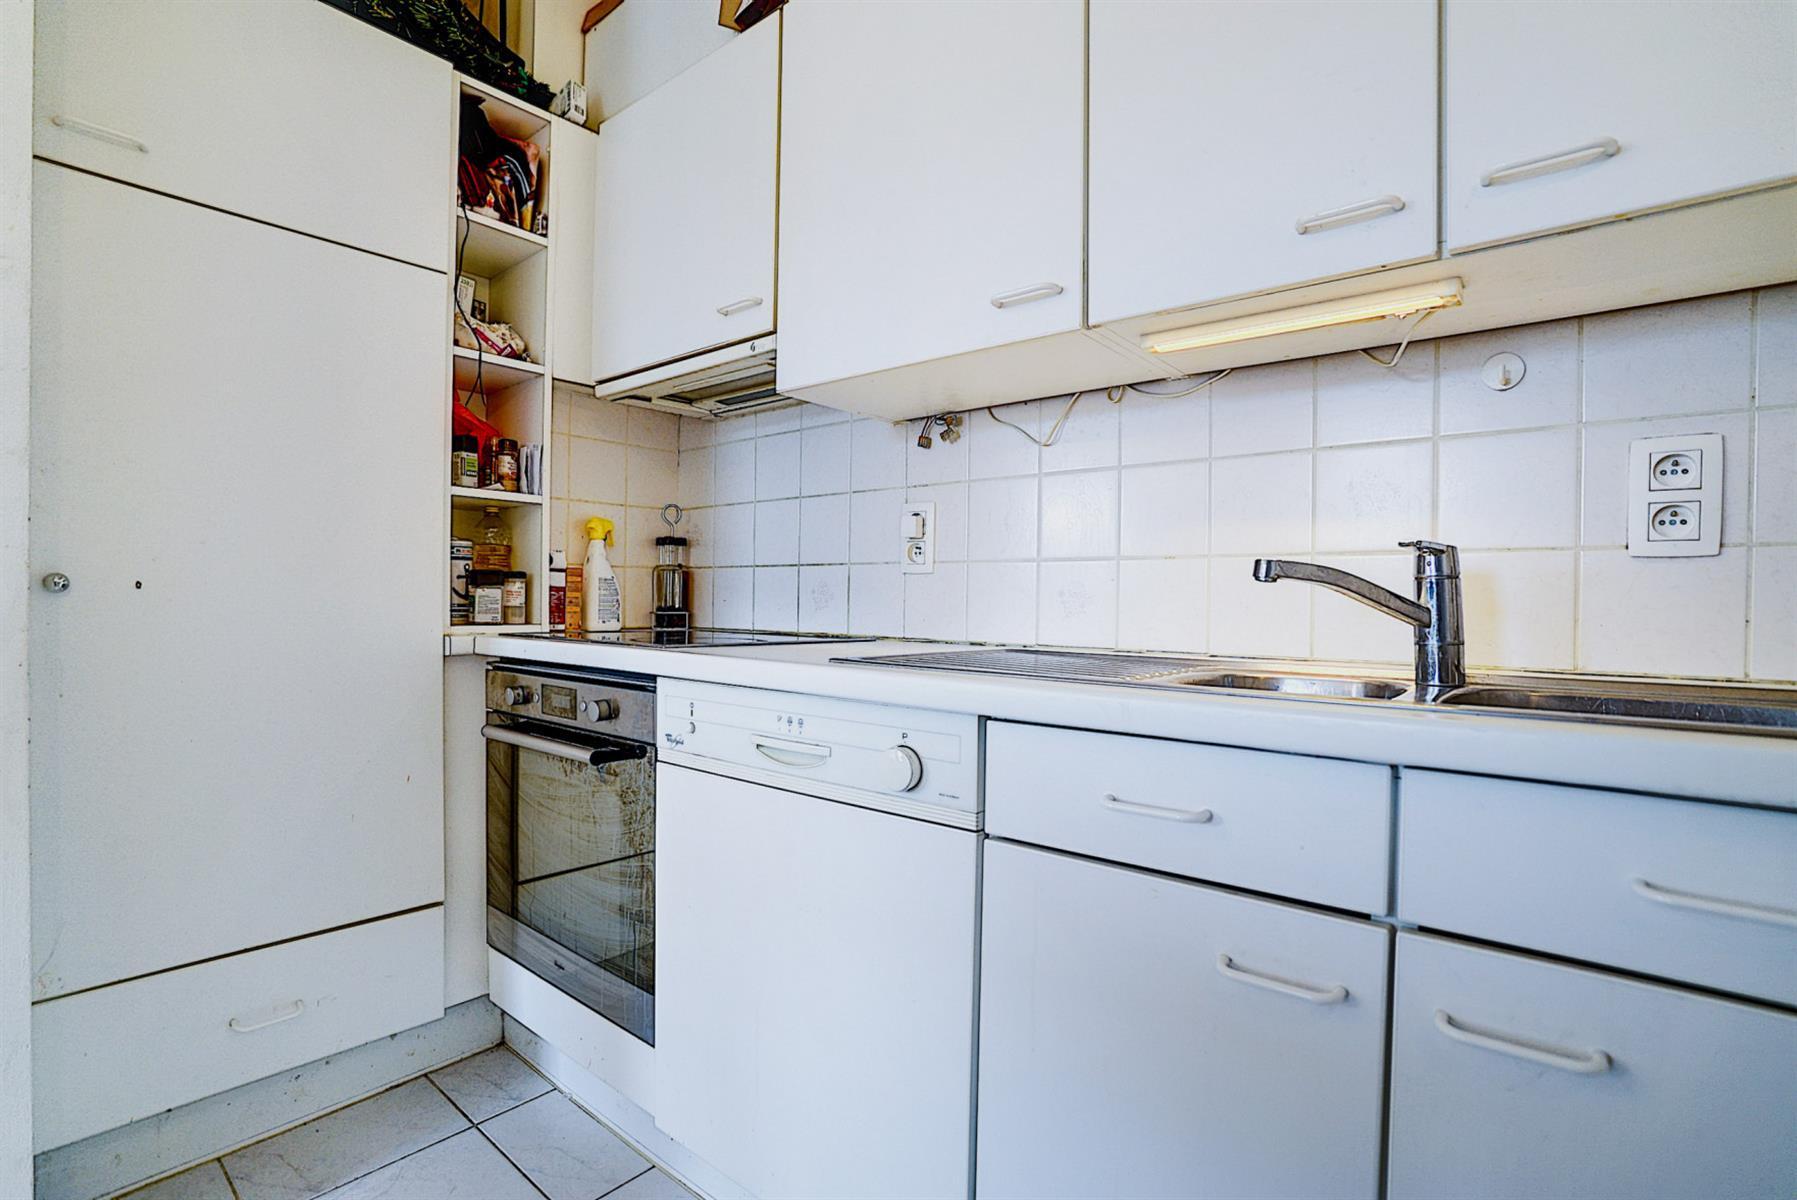 Appartement - Ottignies-louvain-la-neuve - #4342720-9